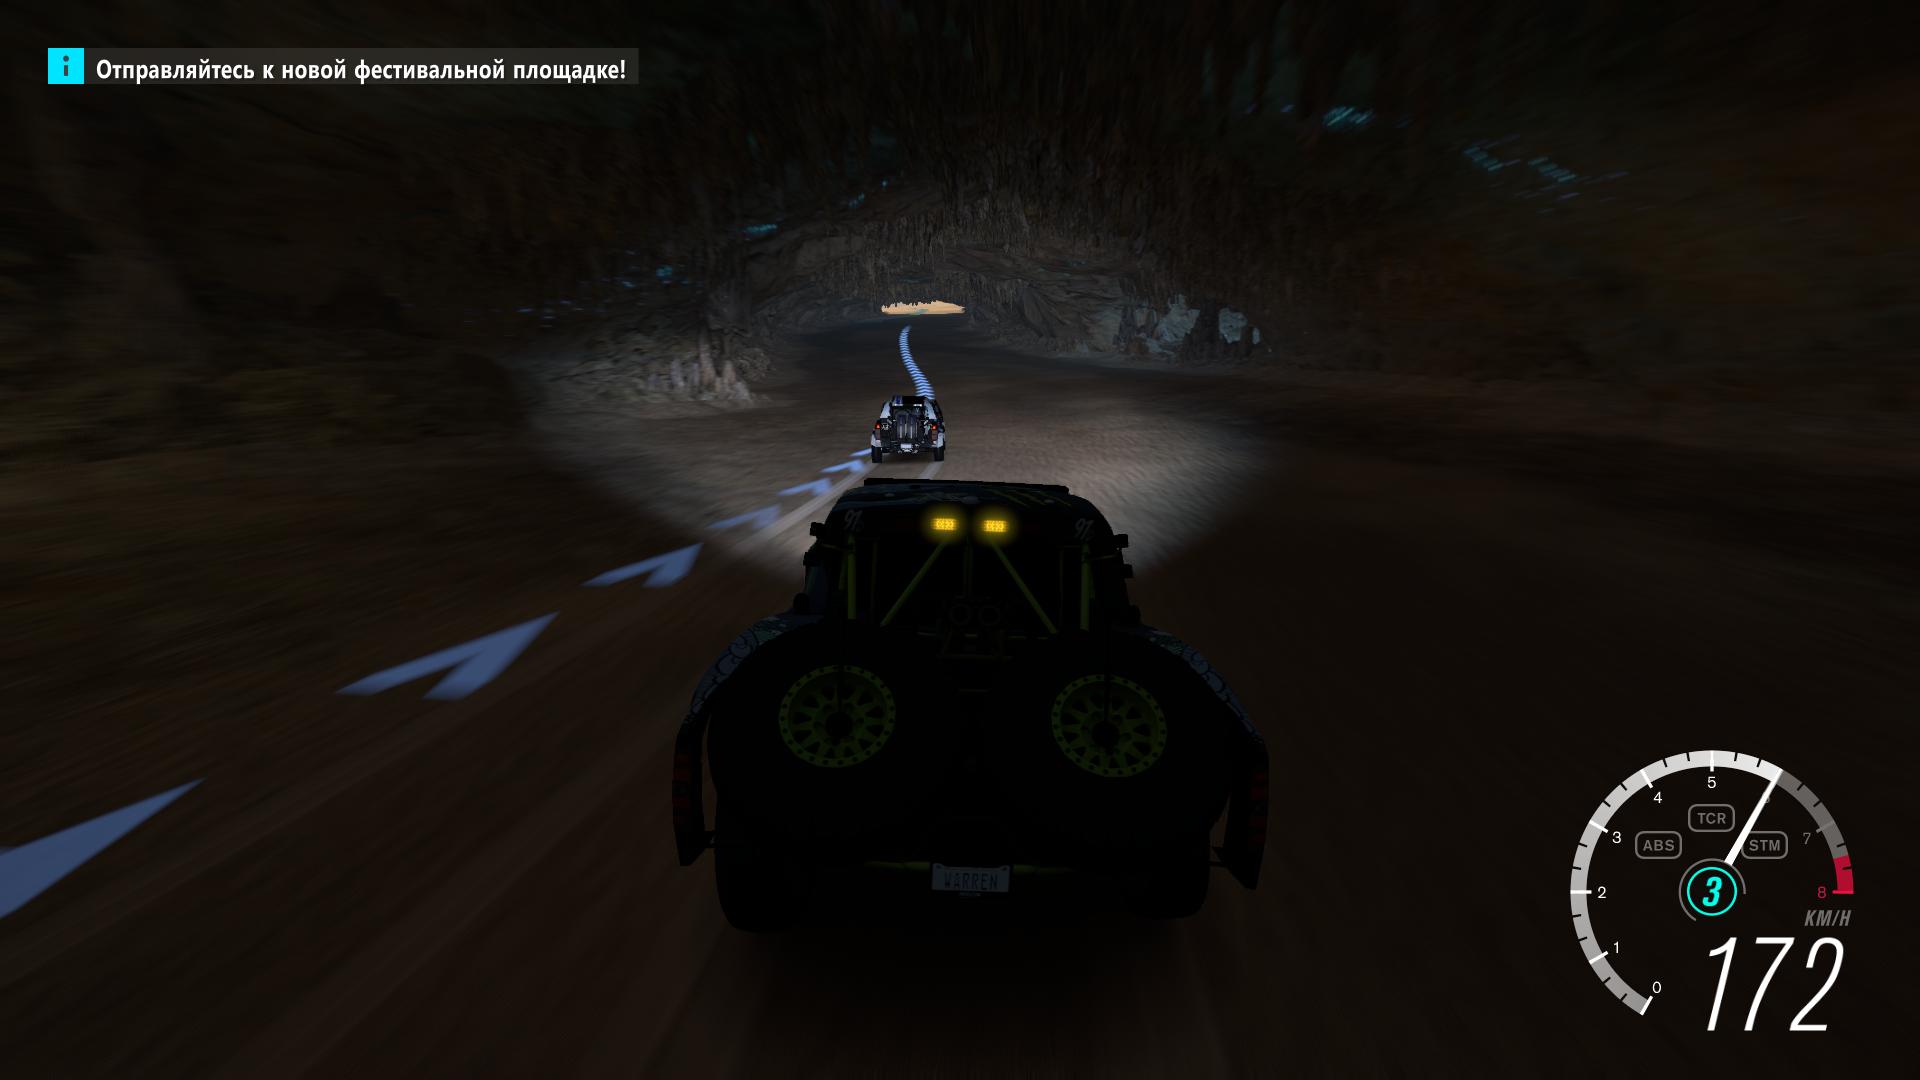 Мои первые впечатления от Demo Forza Horizon 3 - Изображение 4